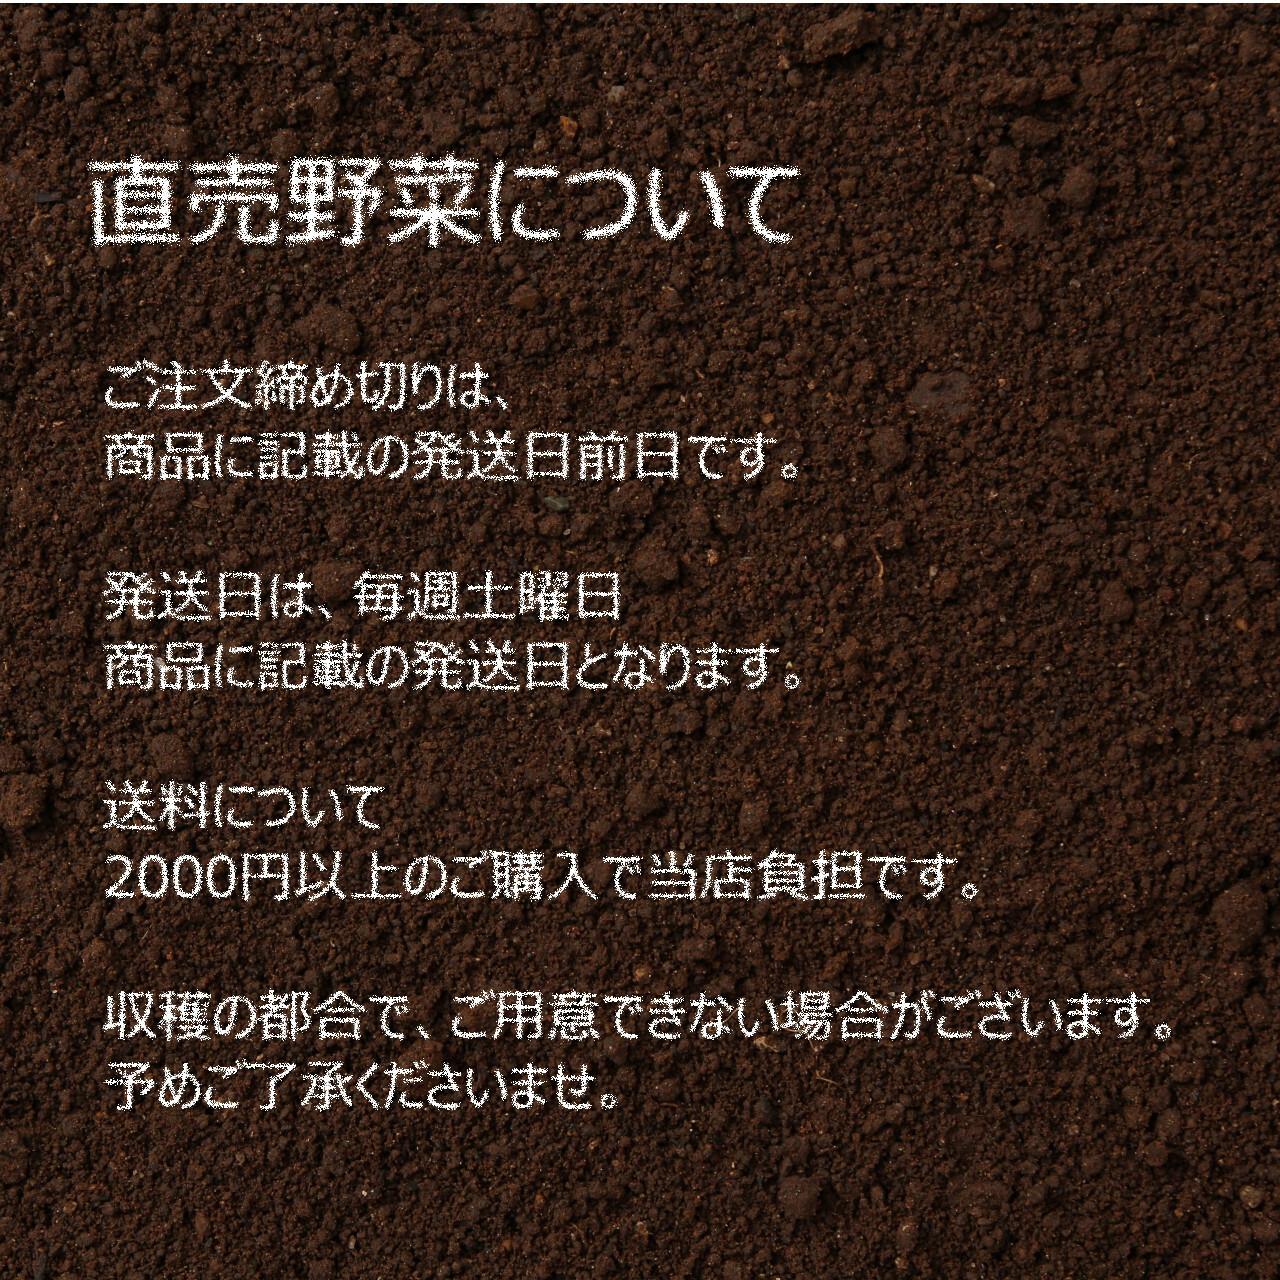 6月の新鮮野菜 : ニラ 約150g  朝採り直売野菜 6月29日発送予定